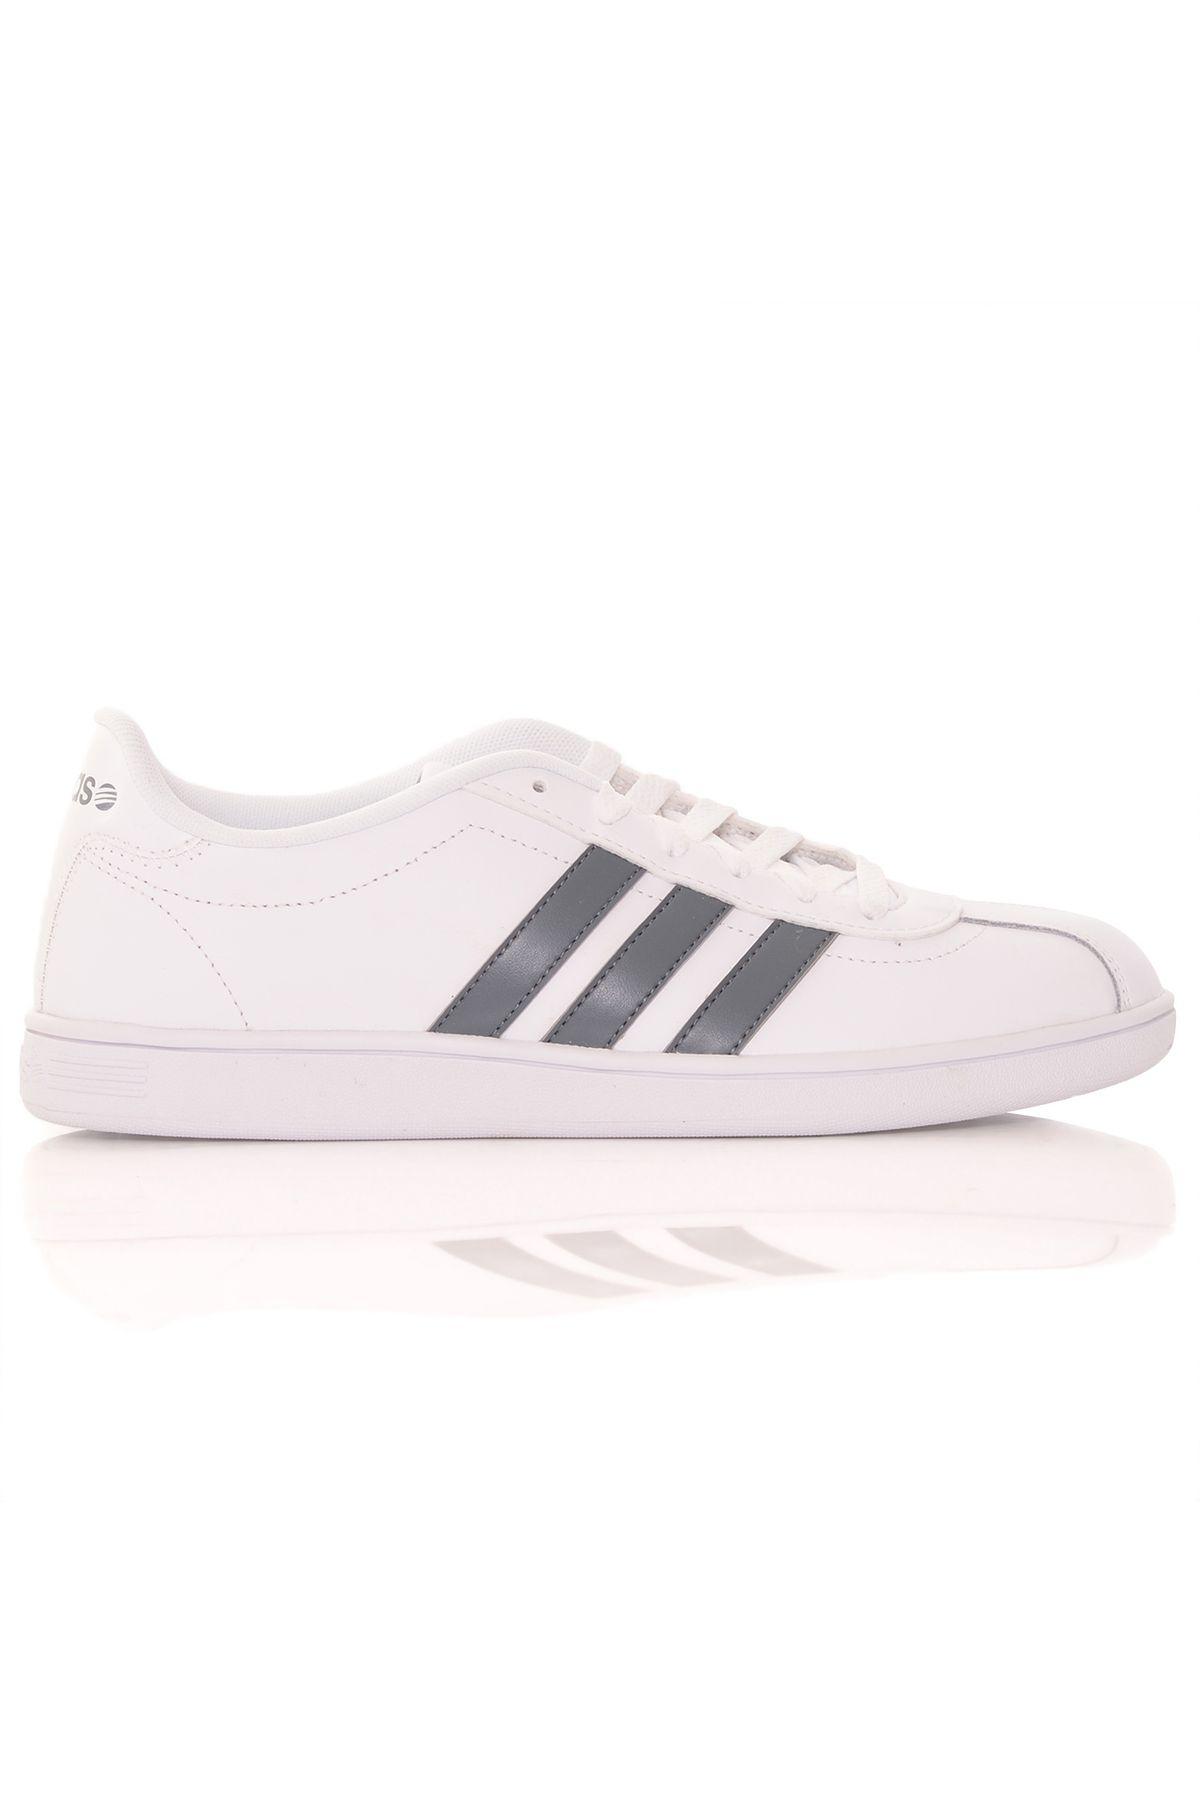 1a378735186 Tênis Adidas Vlneo Court White